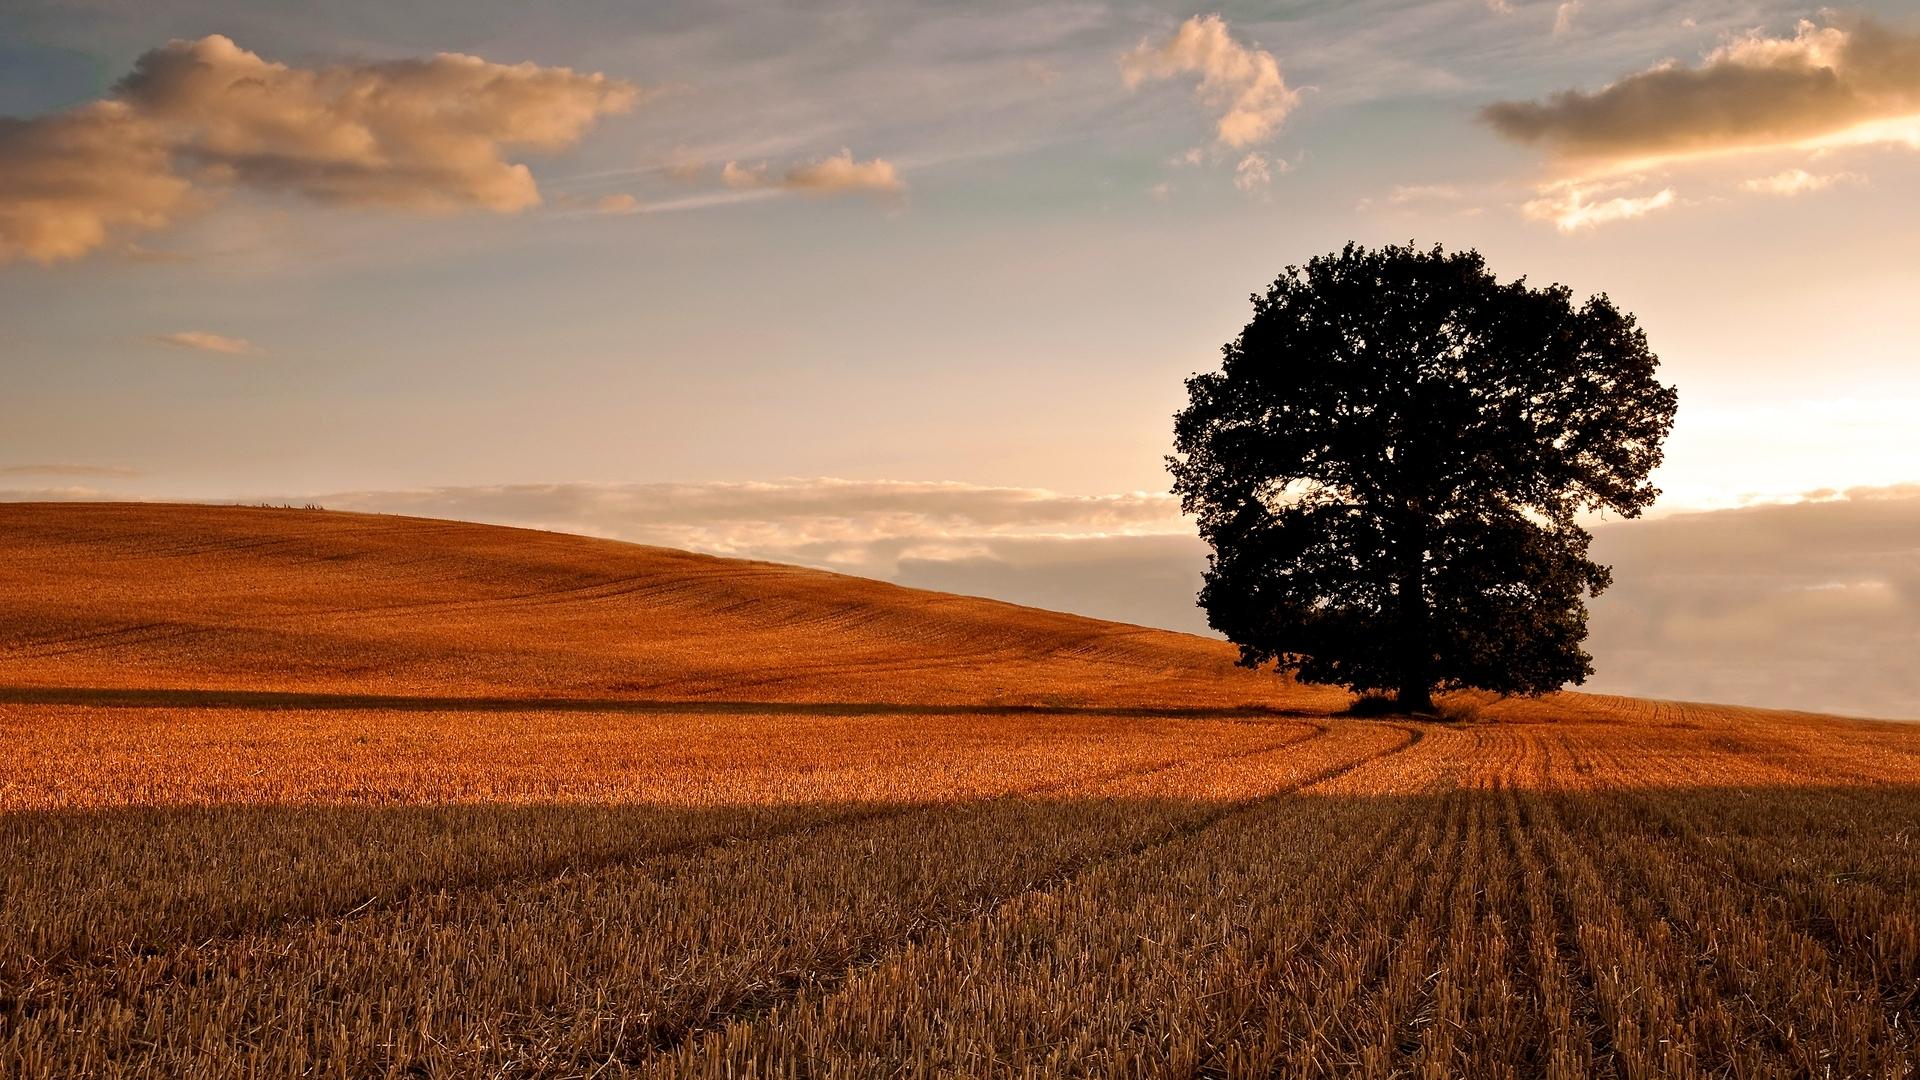 28297 скачать обои Пейзаж, Деревья, Поля - заставки и картинки бесплатно